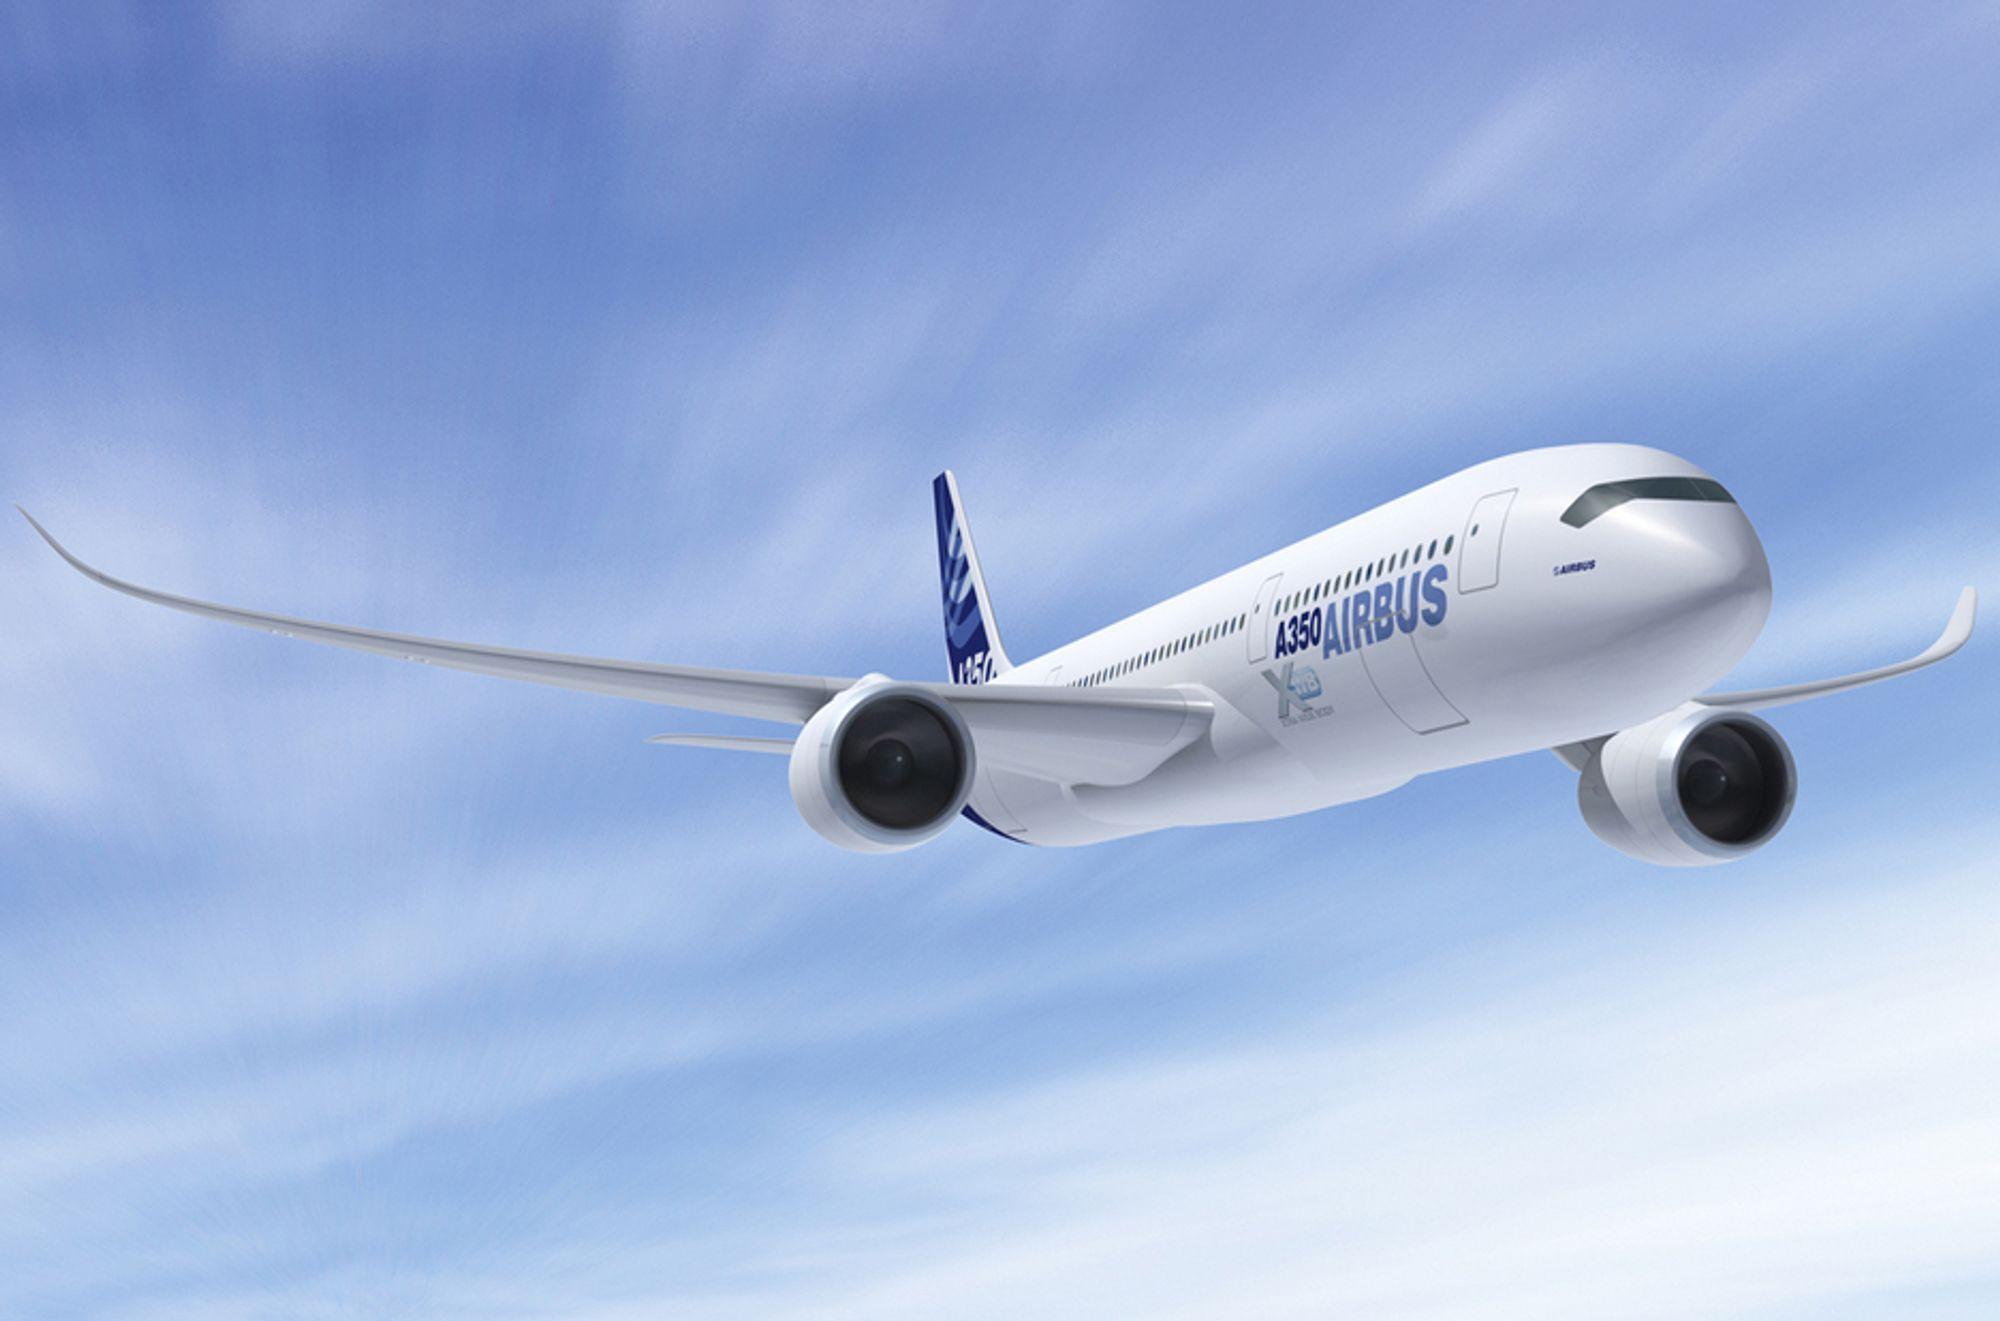 Airbus håper deres nye, superlette A350 XWB-fly, som ble lansert i november 2007, vil selge godt. De to første flyene av denne typen er nå solgt. Bildet viser A350-900 - det mellomste flyet i XWB-familien.